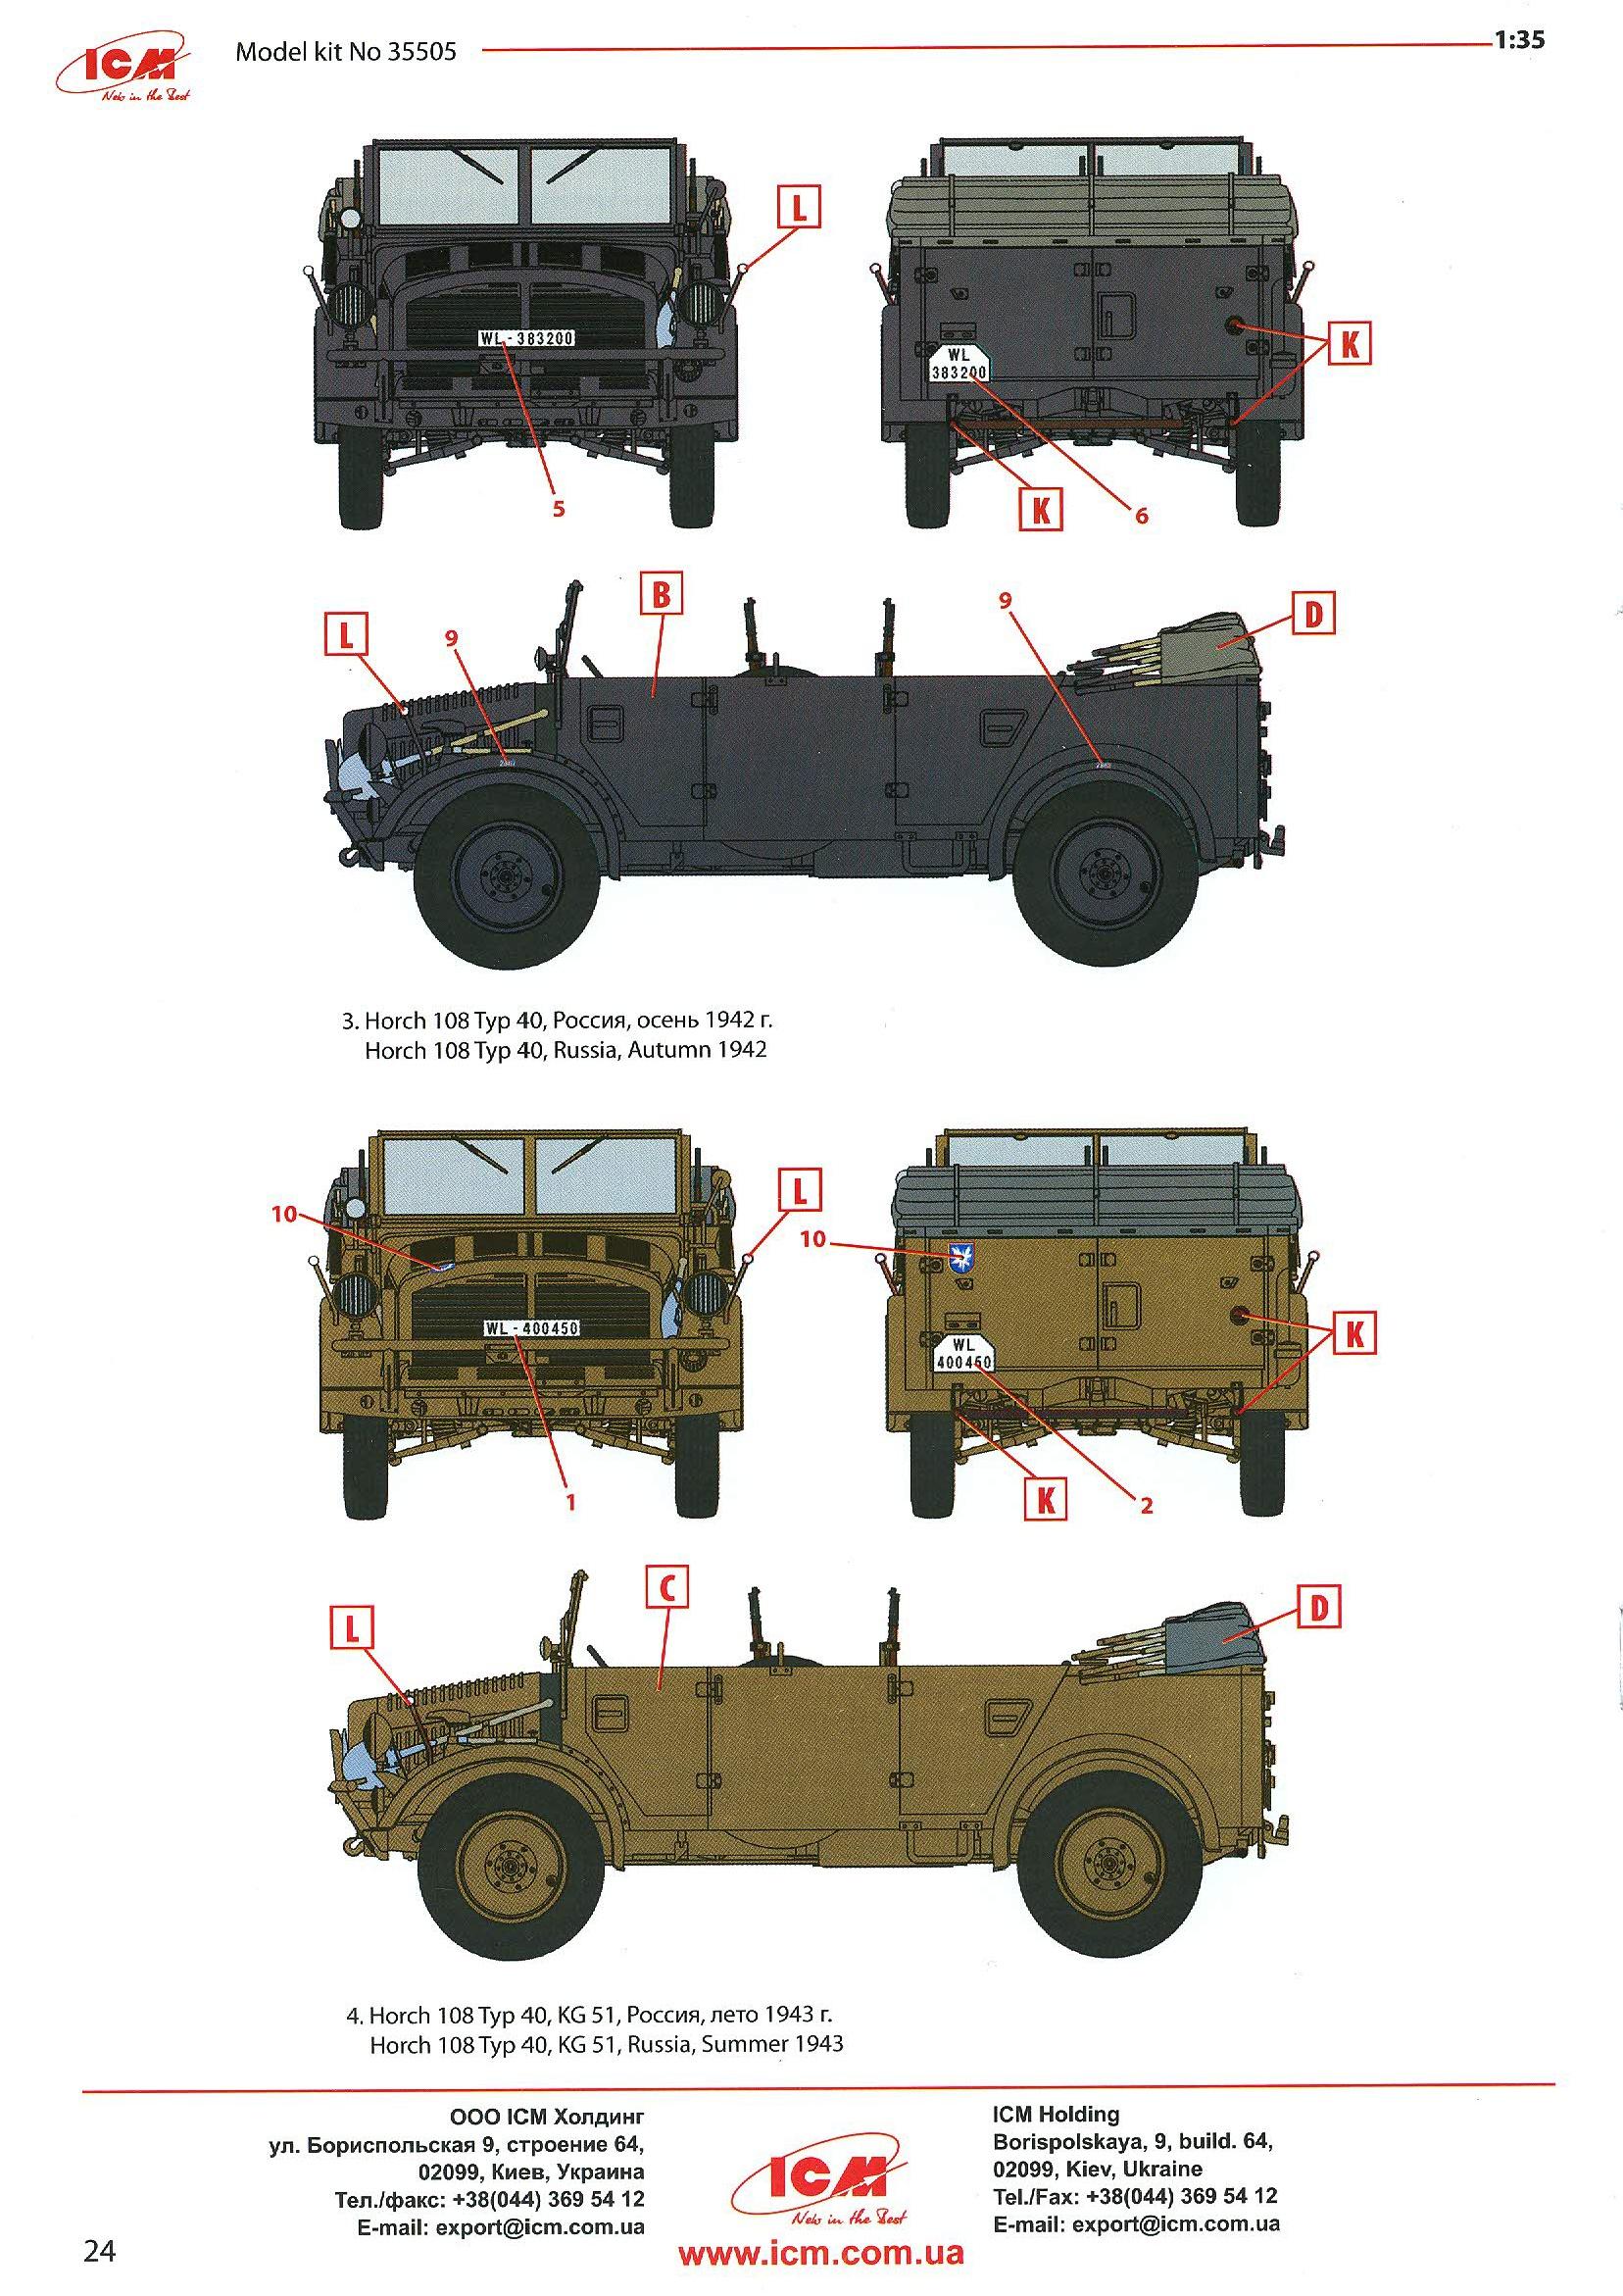 Horch-108-Typ-40-024 Wehrmacht Off-Road Cars in 1:35 von ICM # DS3503